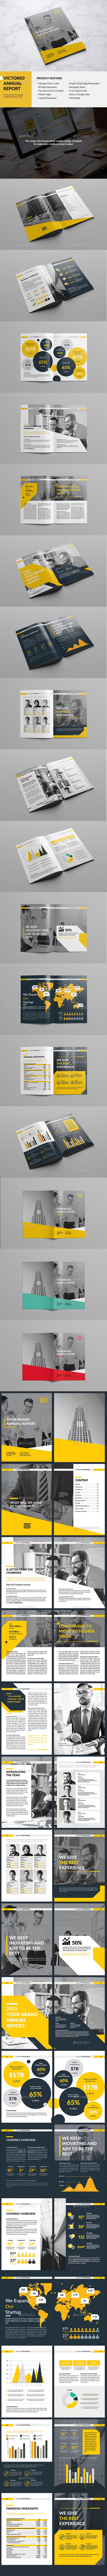 Victorio Annual Report